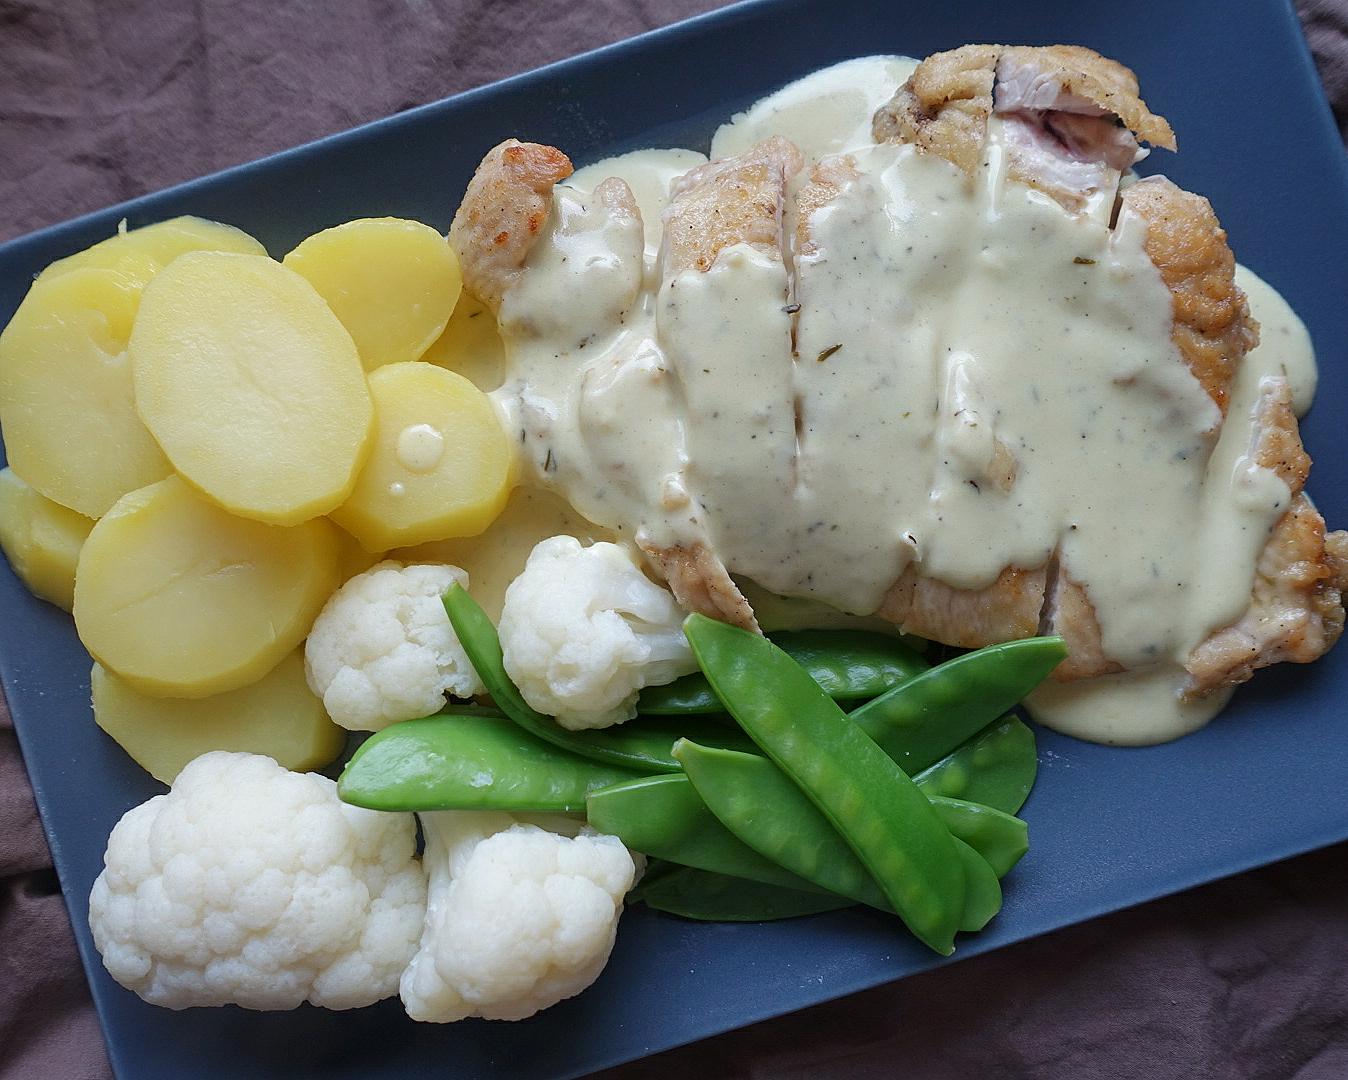 Blitzschnell gesünder essen: Hähnchenfilet mit Zitronensauce und Gemüse